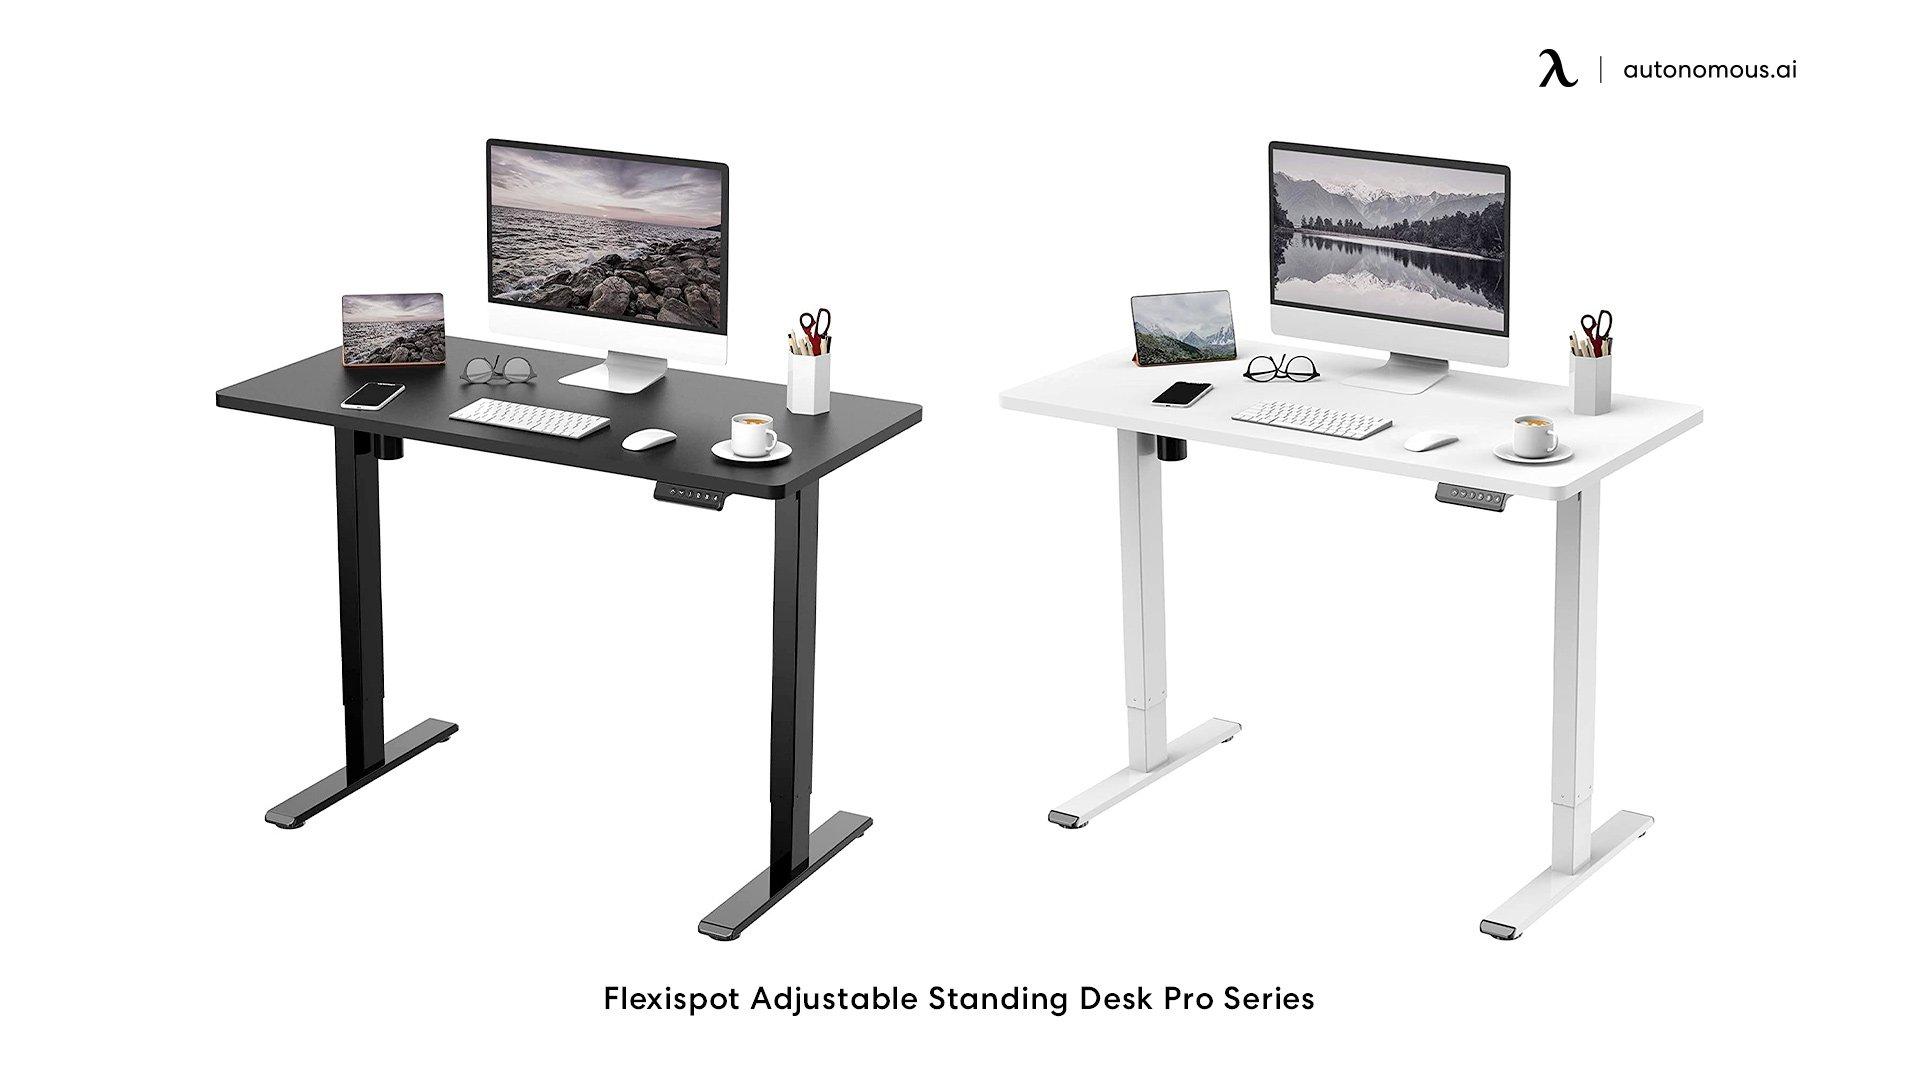 Flexispot Adjustable Standing Desk Pro Series